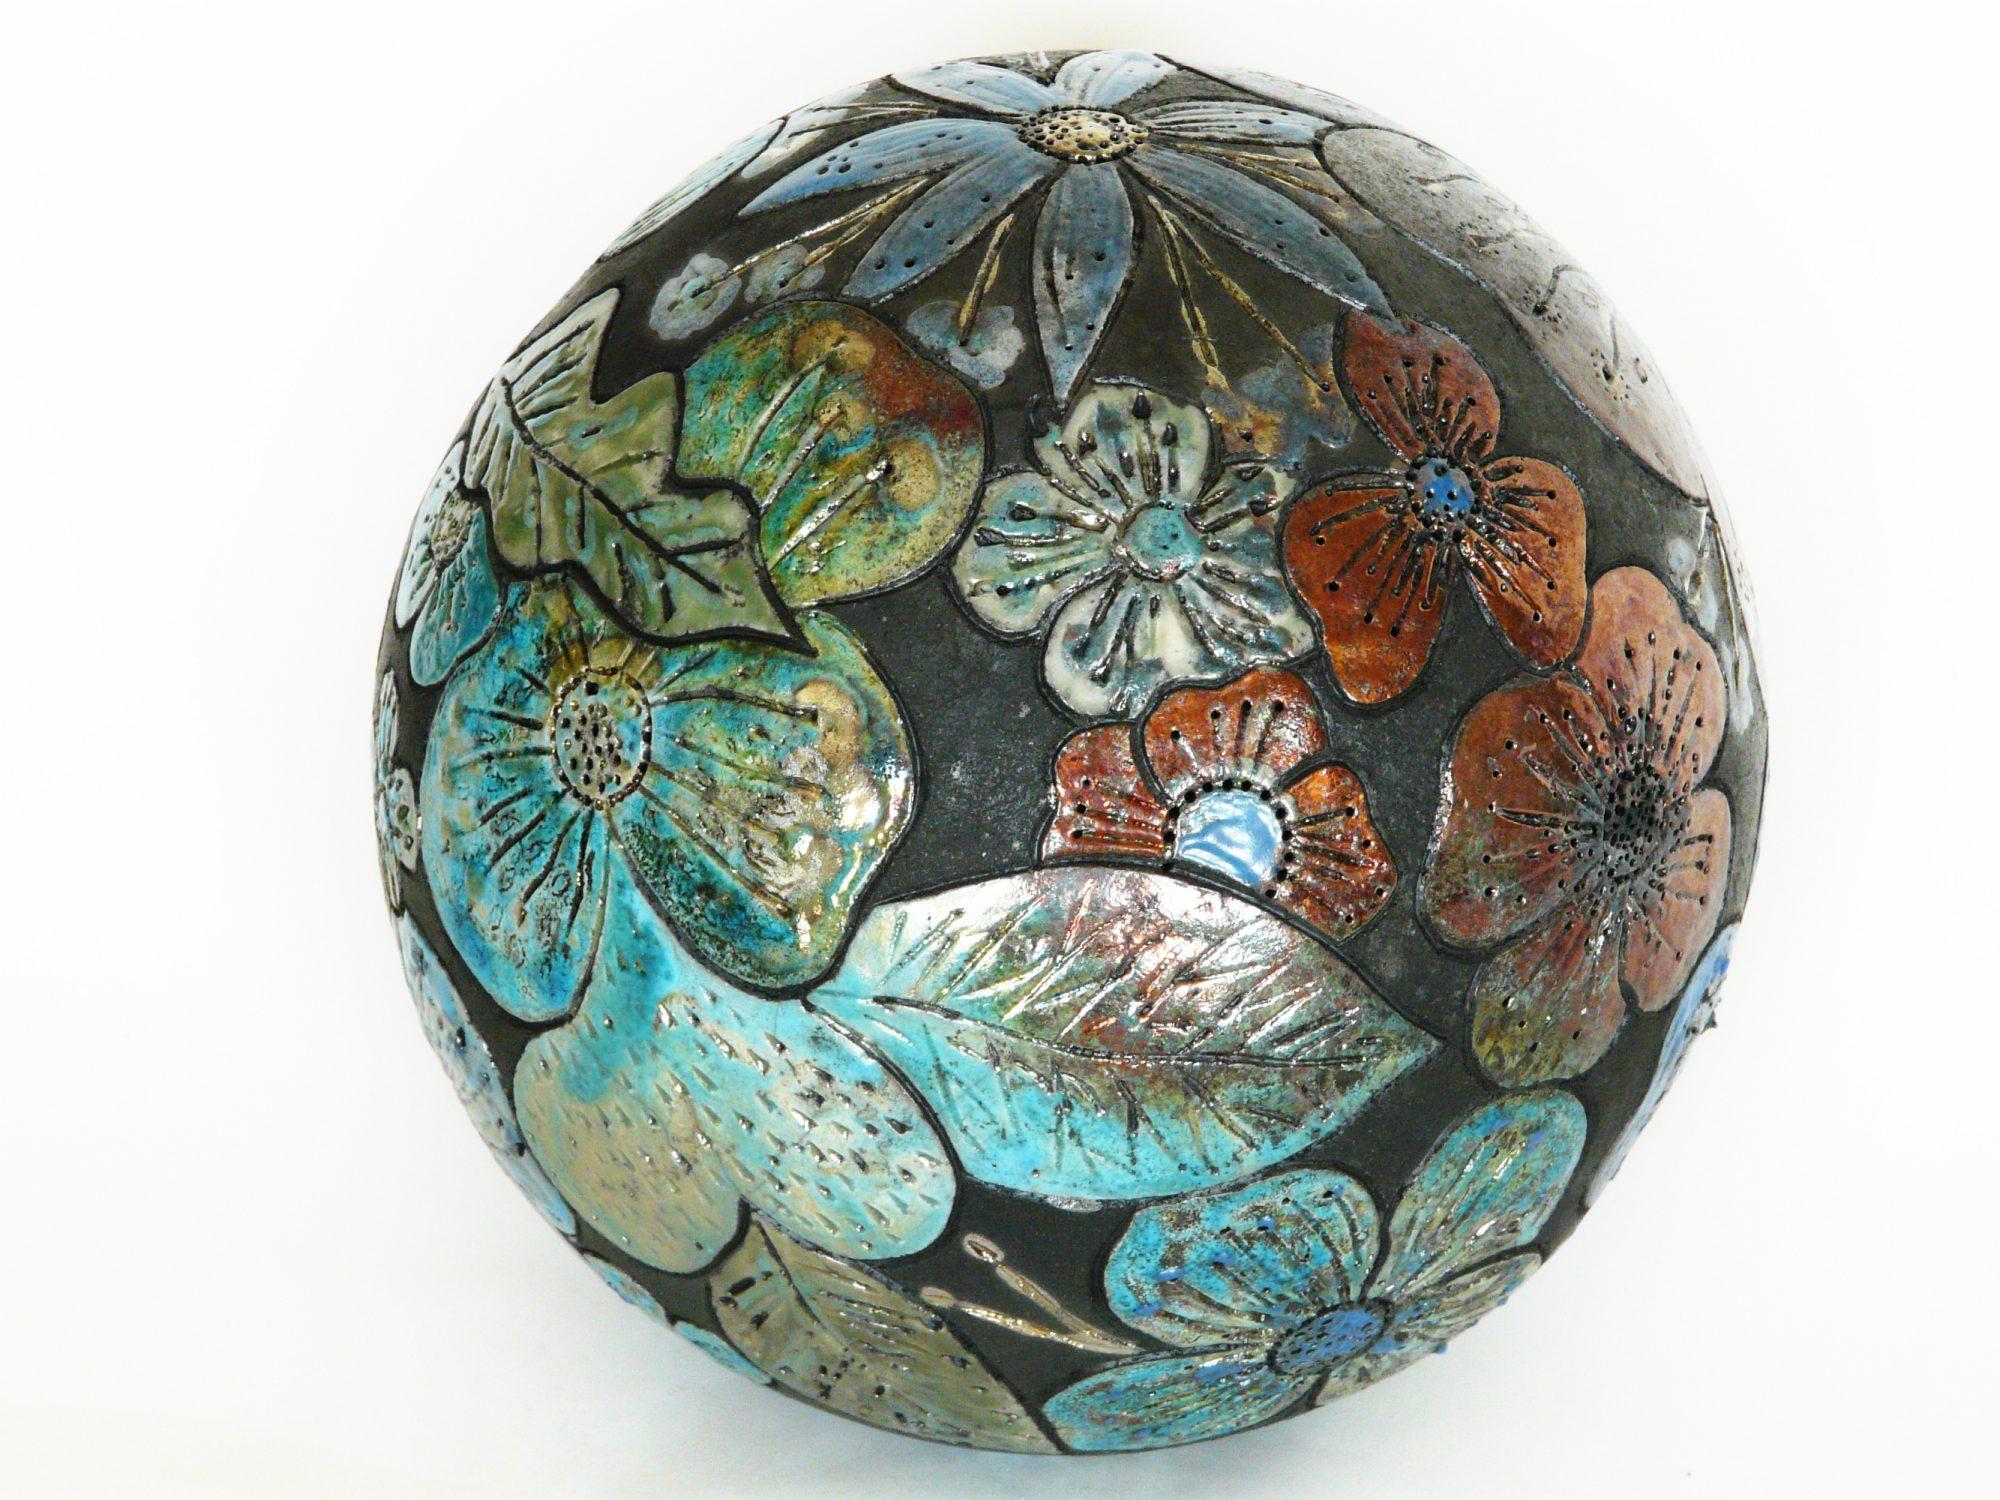 Moon de printemps - ø : 24 cm - Grès - Raku - Gravure - Oxydes - Sculptures céramique de Florence Lemiegre